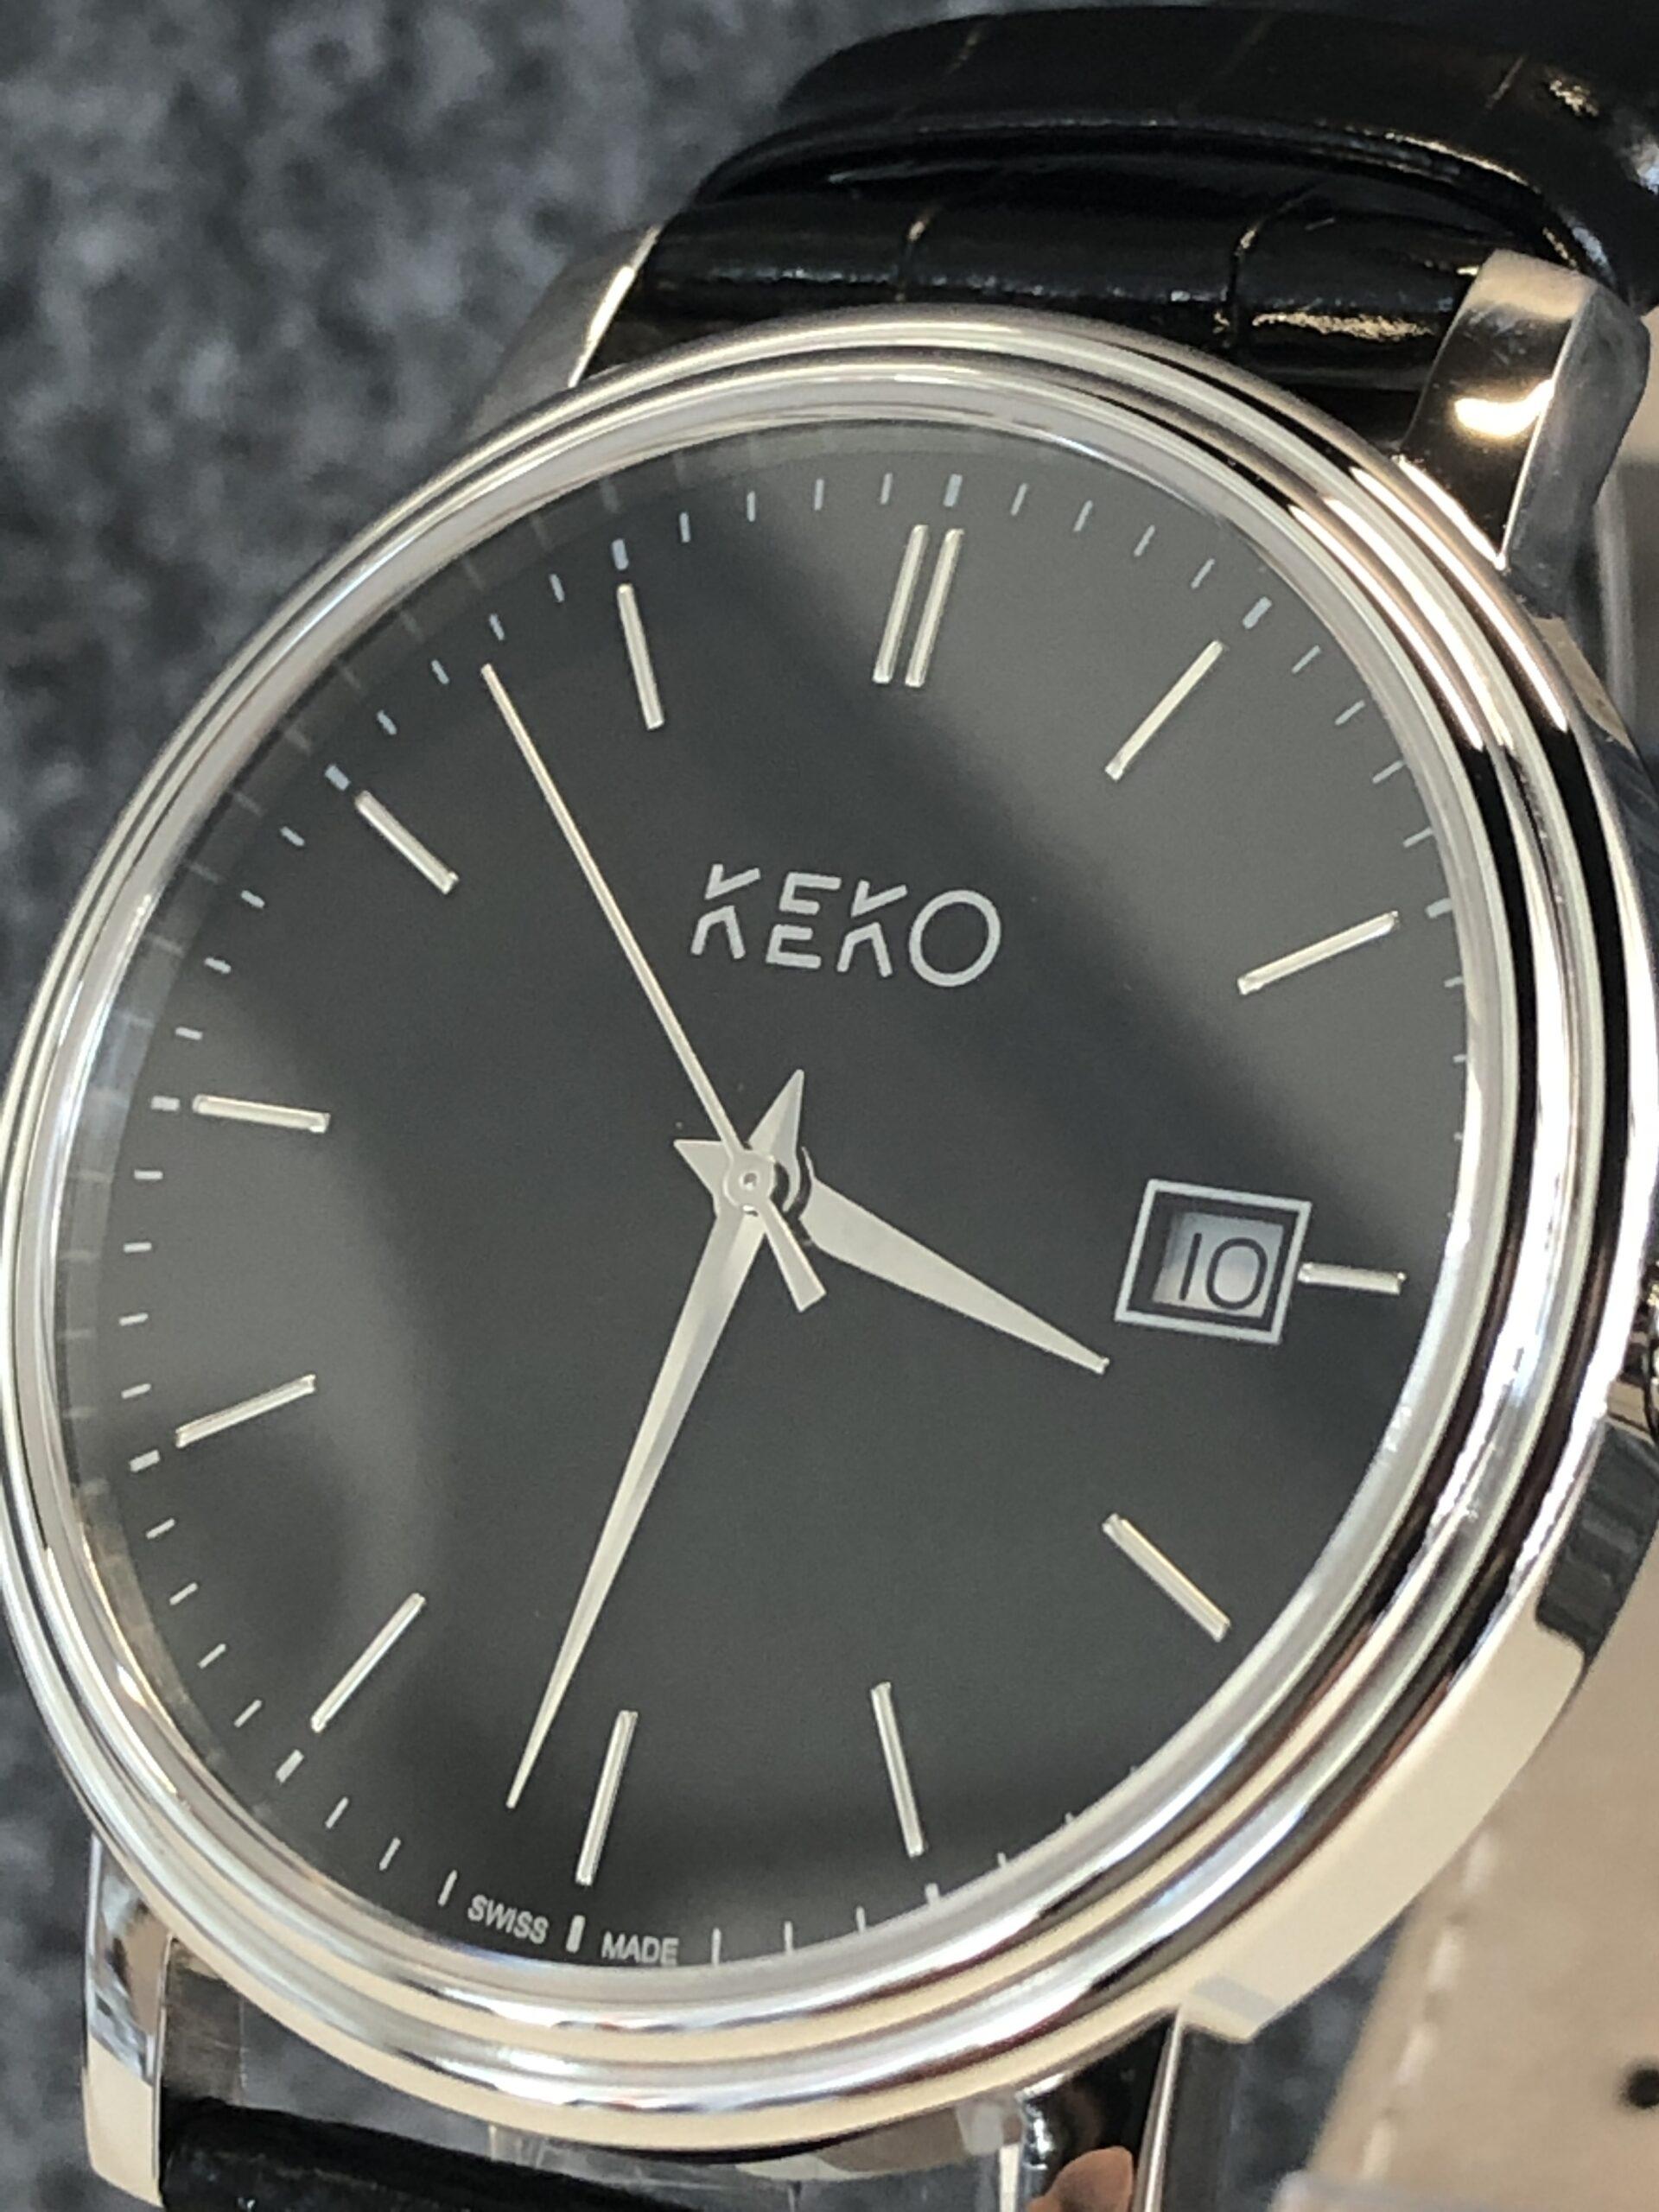 keko-uhr-classic-black-seitenansicht-mit-krone